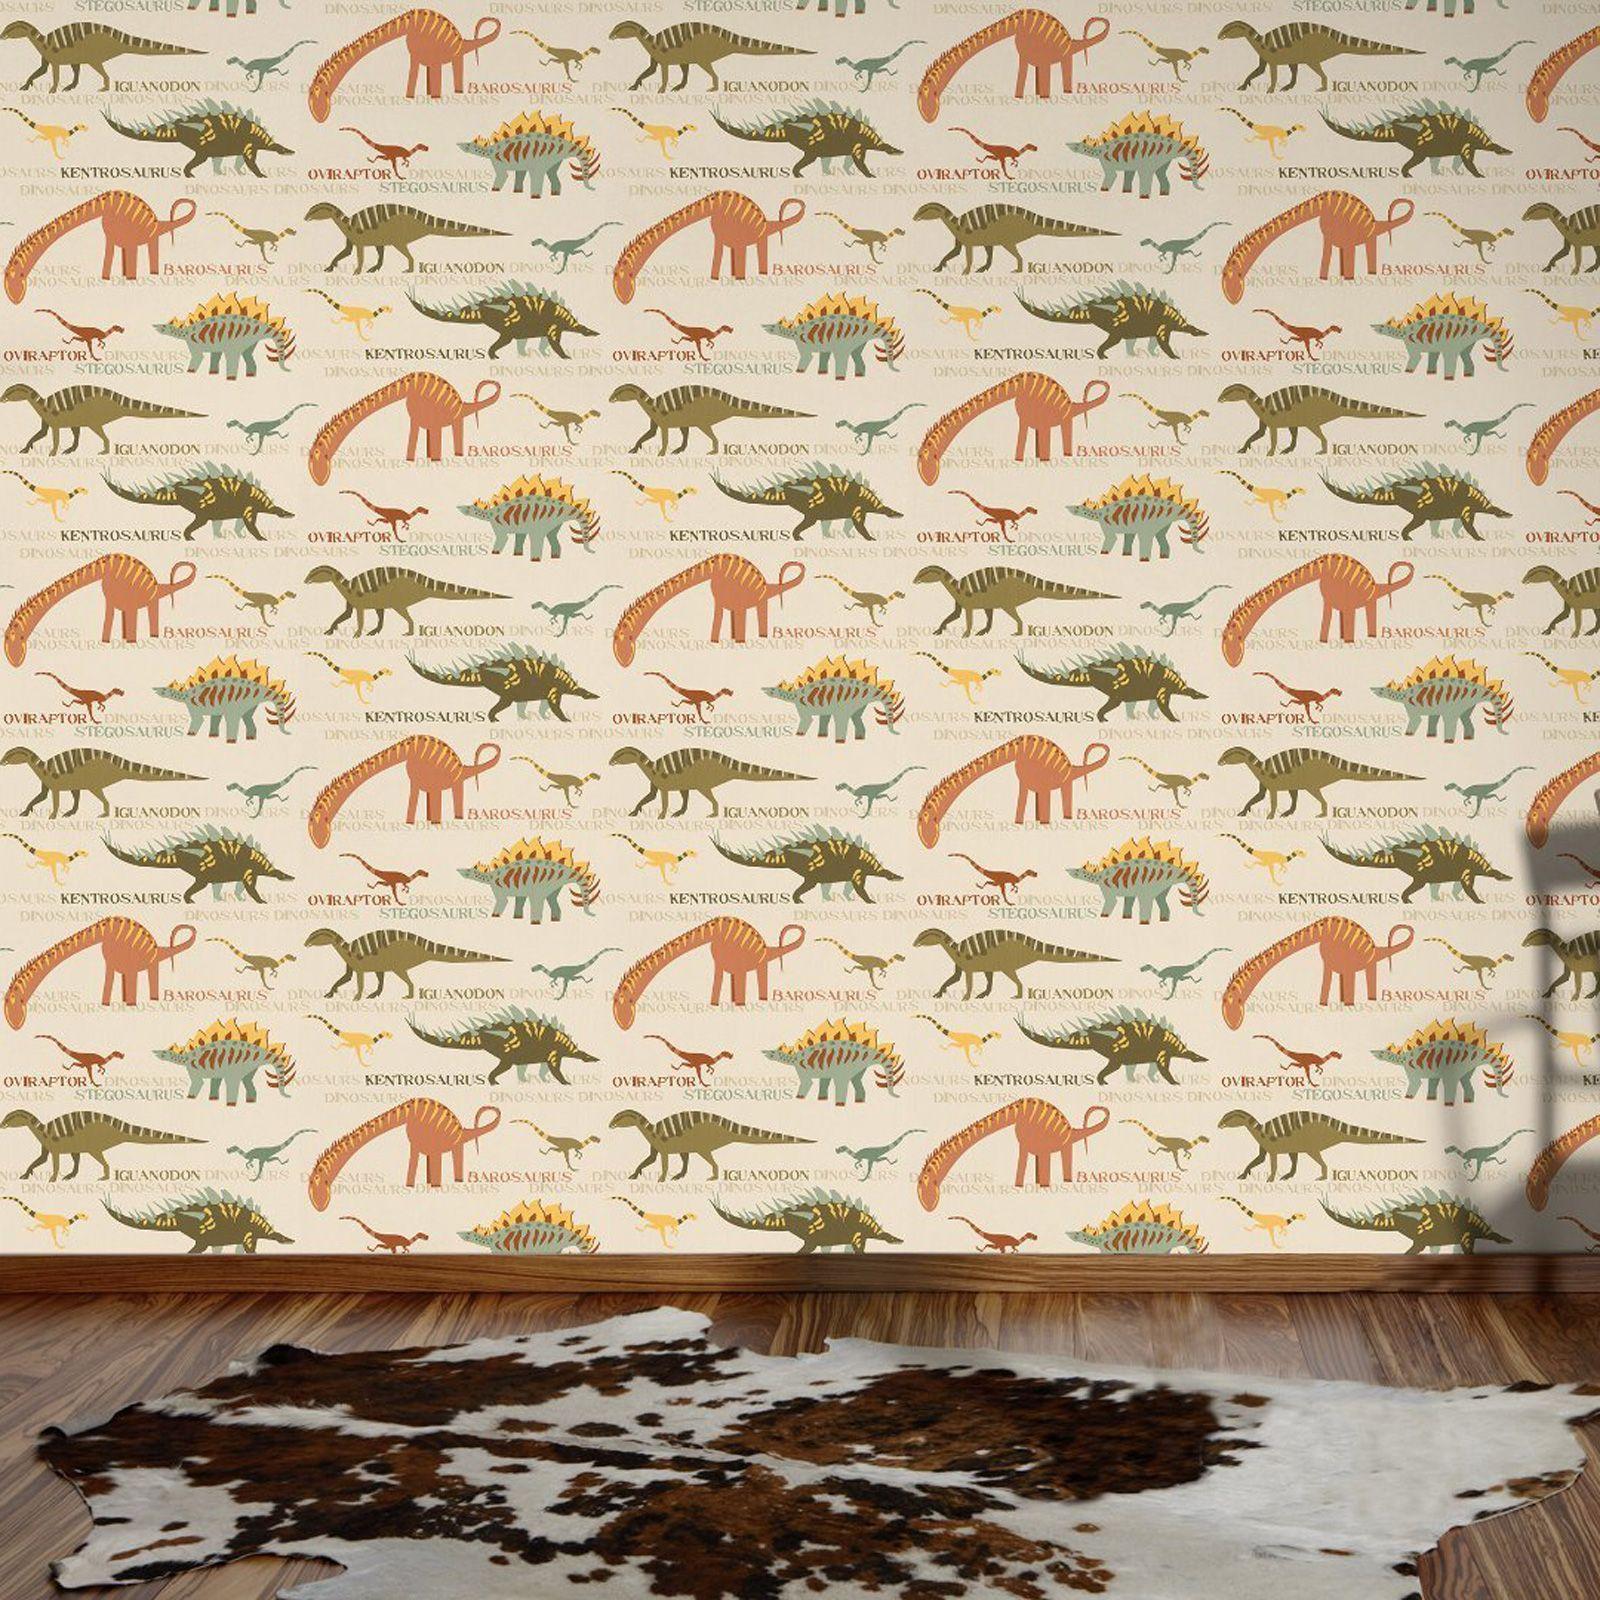 Animals wallpaper kids bedroom dinosaurs fox owls rabbits feature wall ebay - Paperboy dinosaur wallpaper ...